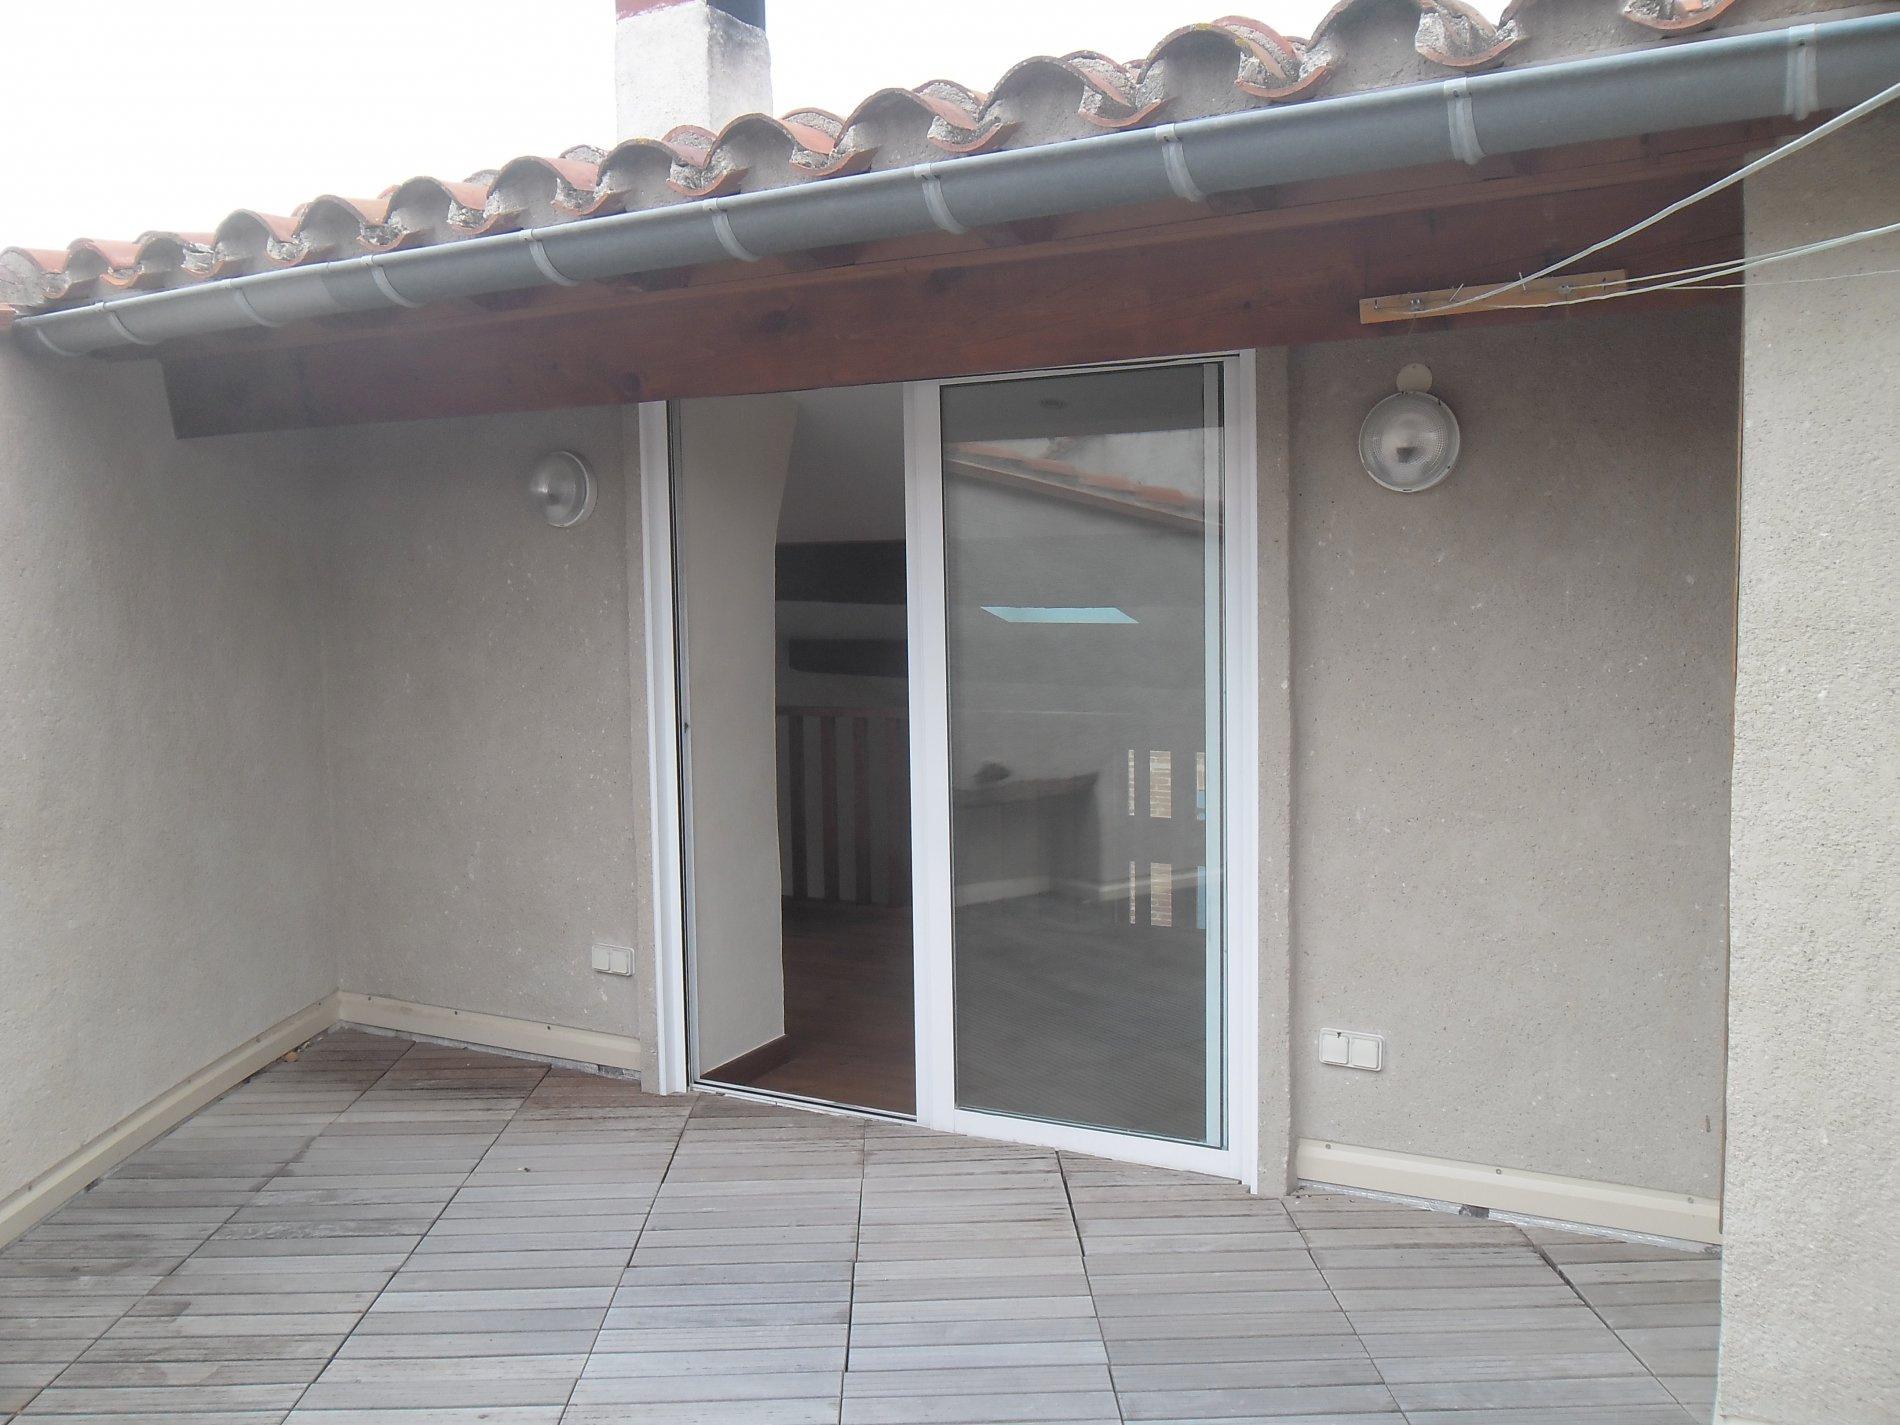 Vente maison 6 pi ces terrasse garage ille sur t t for Maison terrasse sur garage